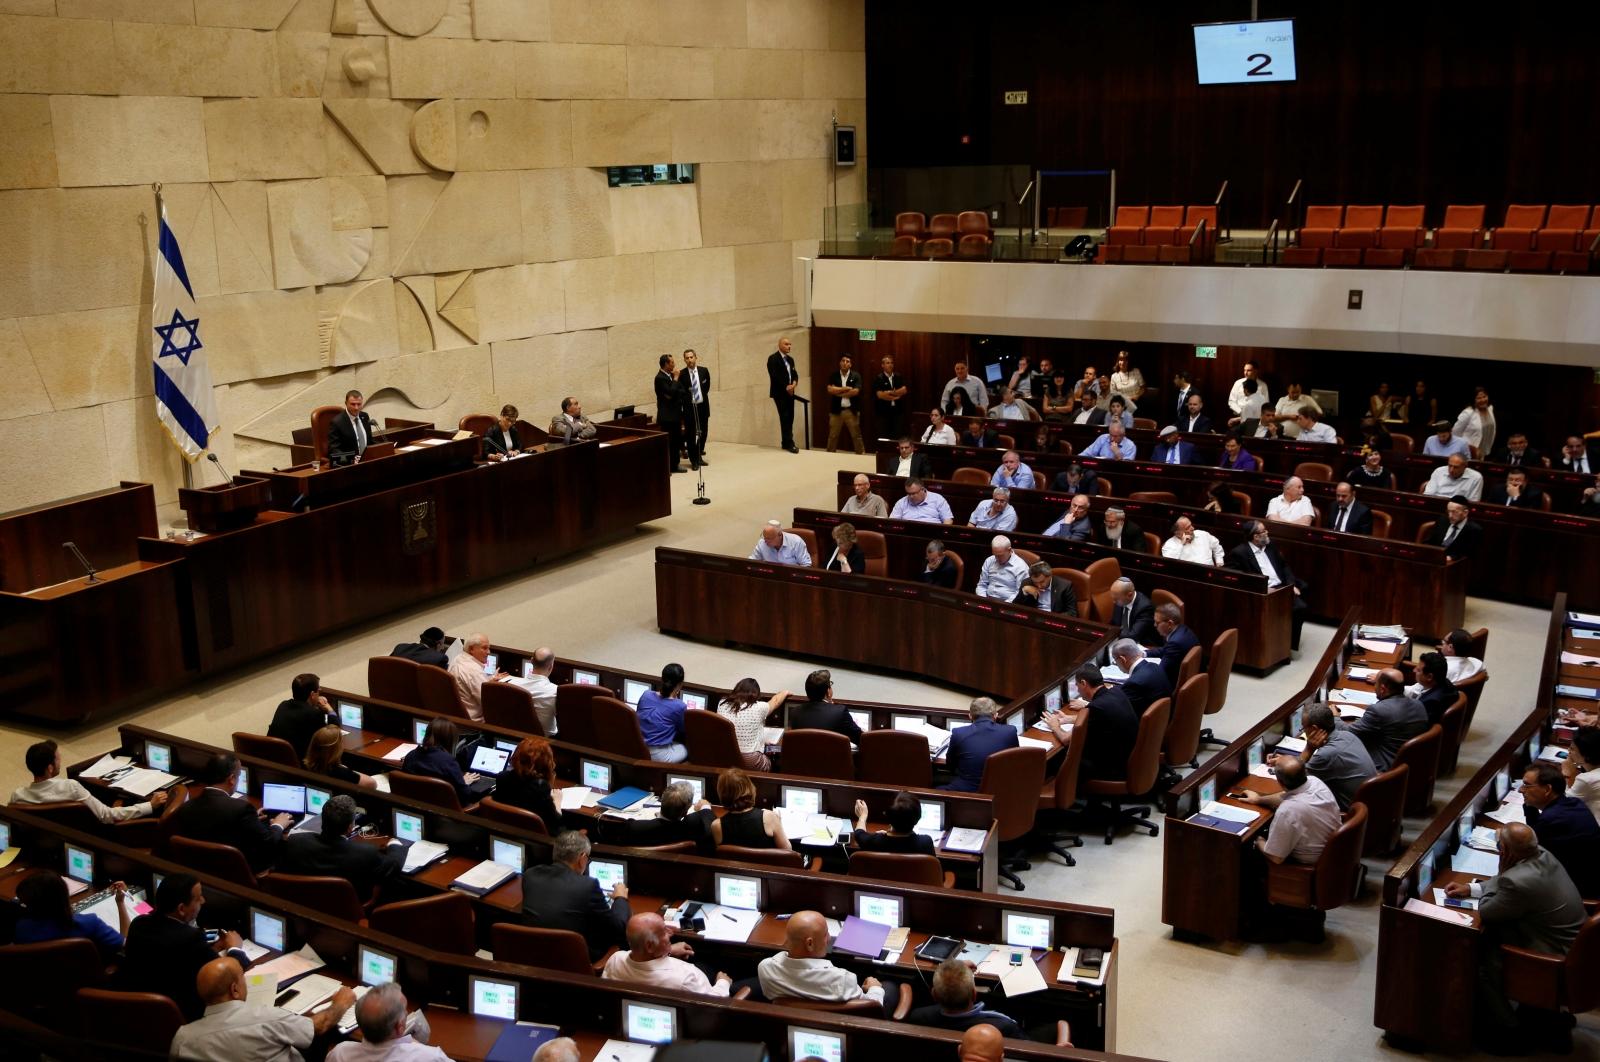 Israel Parliament